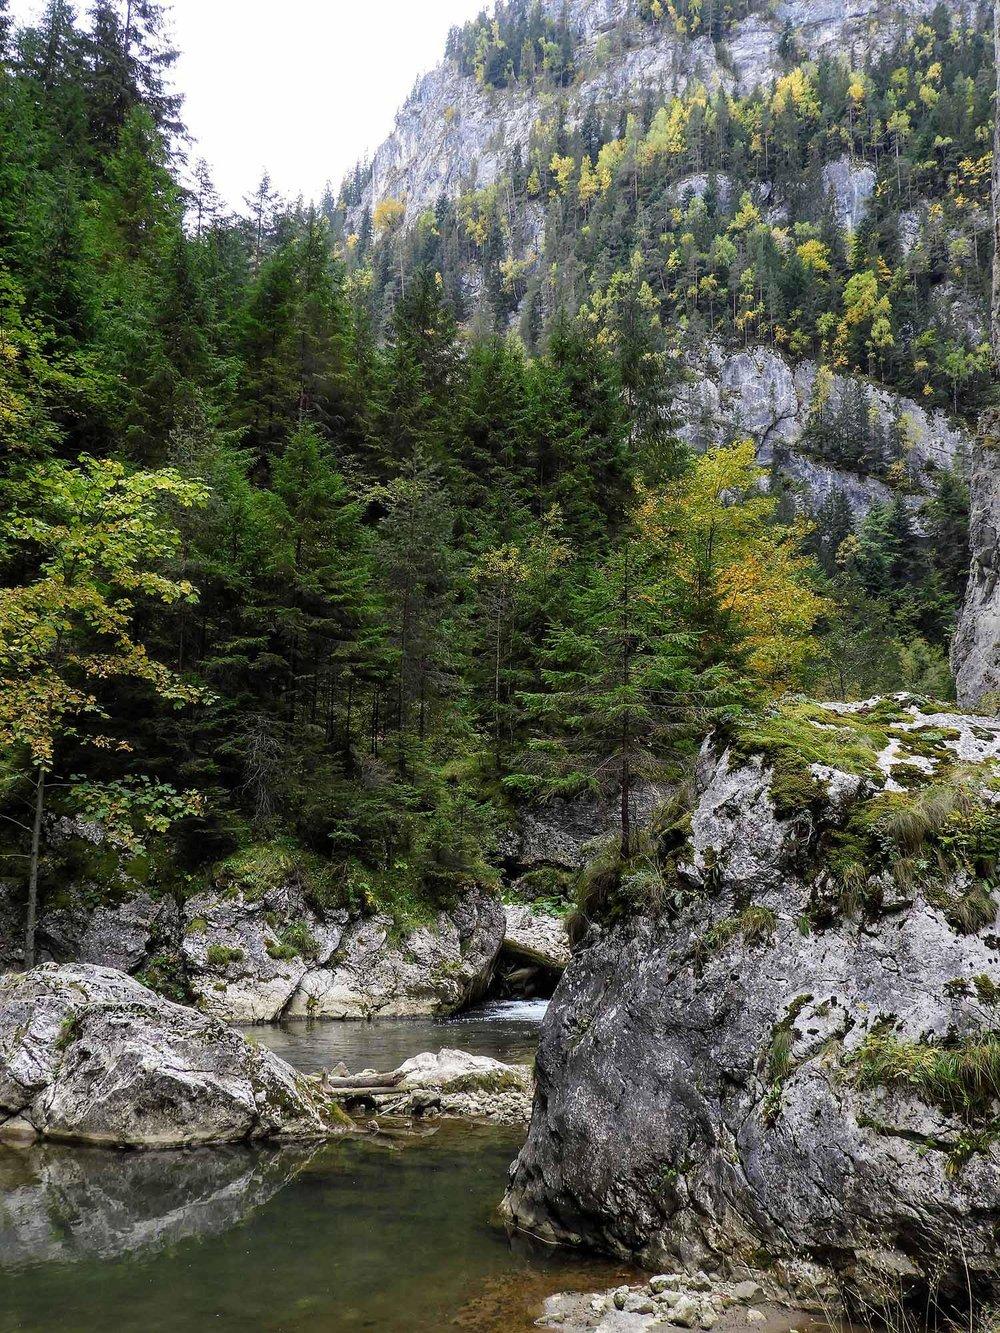 romania-bicaz-gorge-canyon-river-rocks.jpg